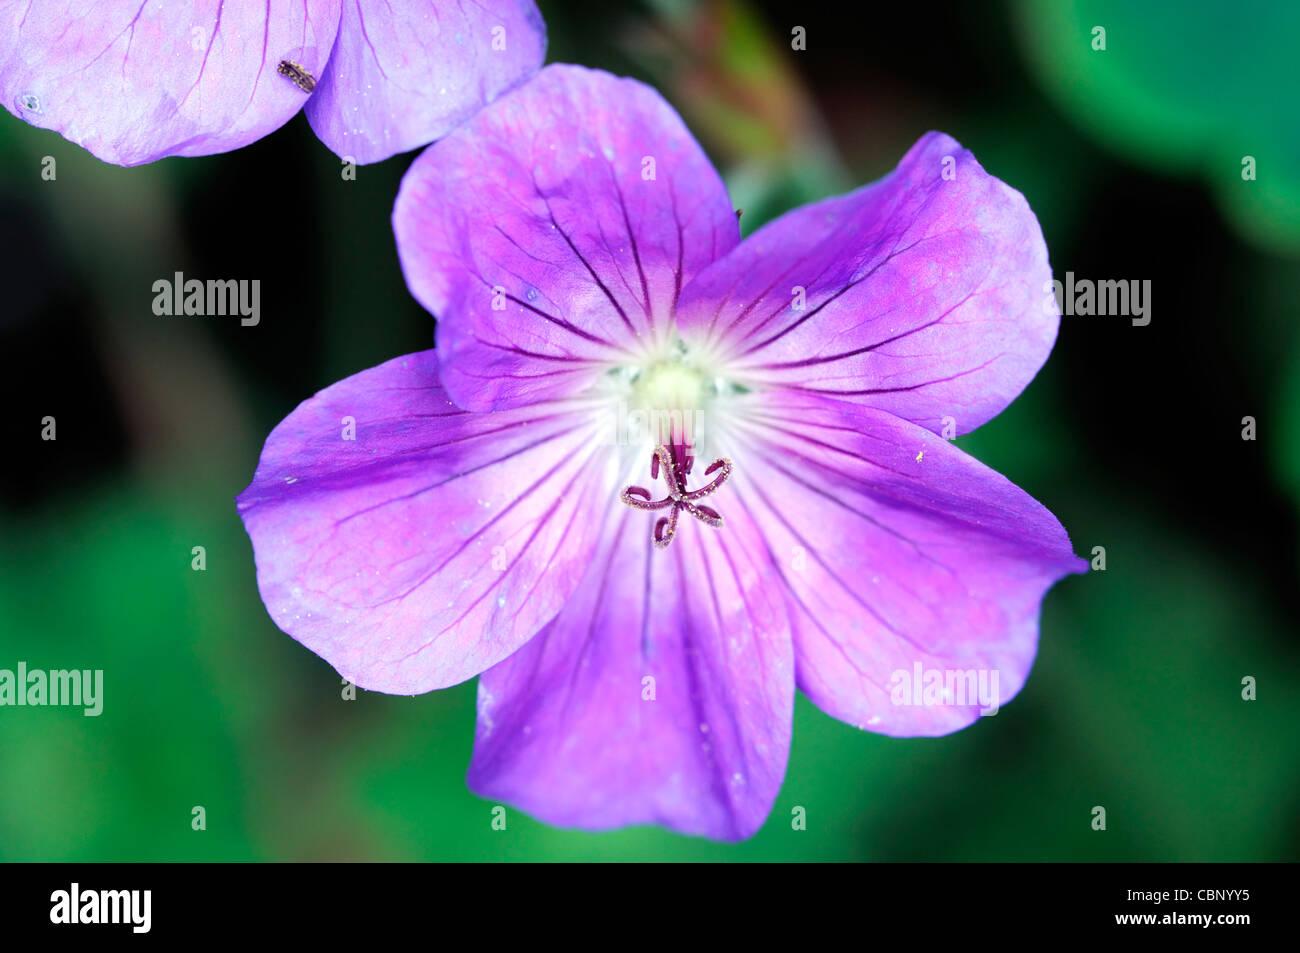 Geranio jolly bee rozanne cranesbill fioriture dei fiori fiori piante perenni blu porpora closeup close up Immagini Stock